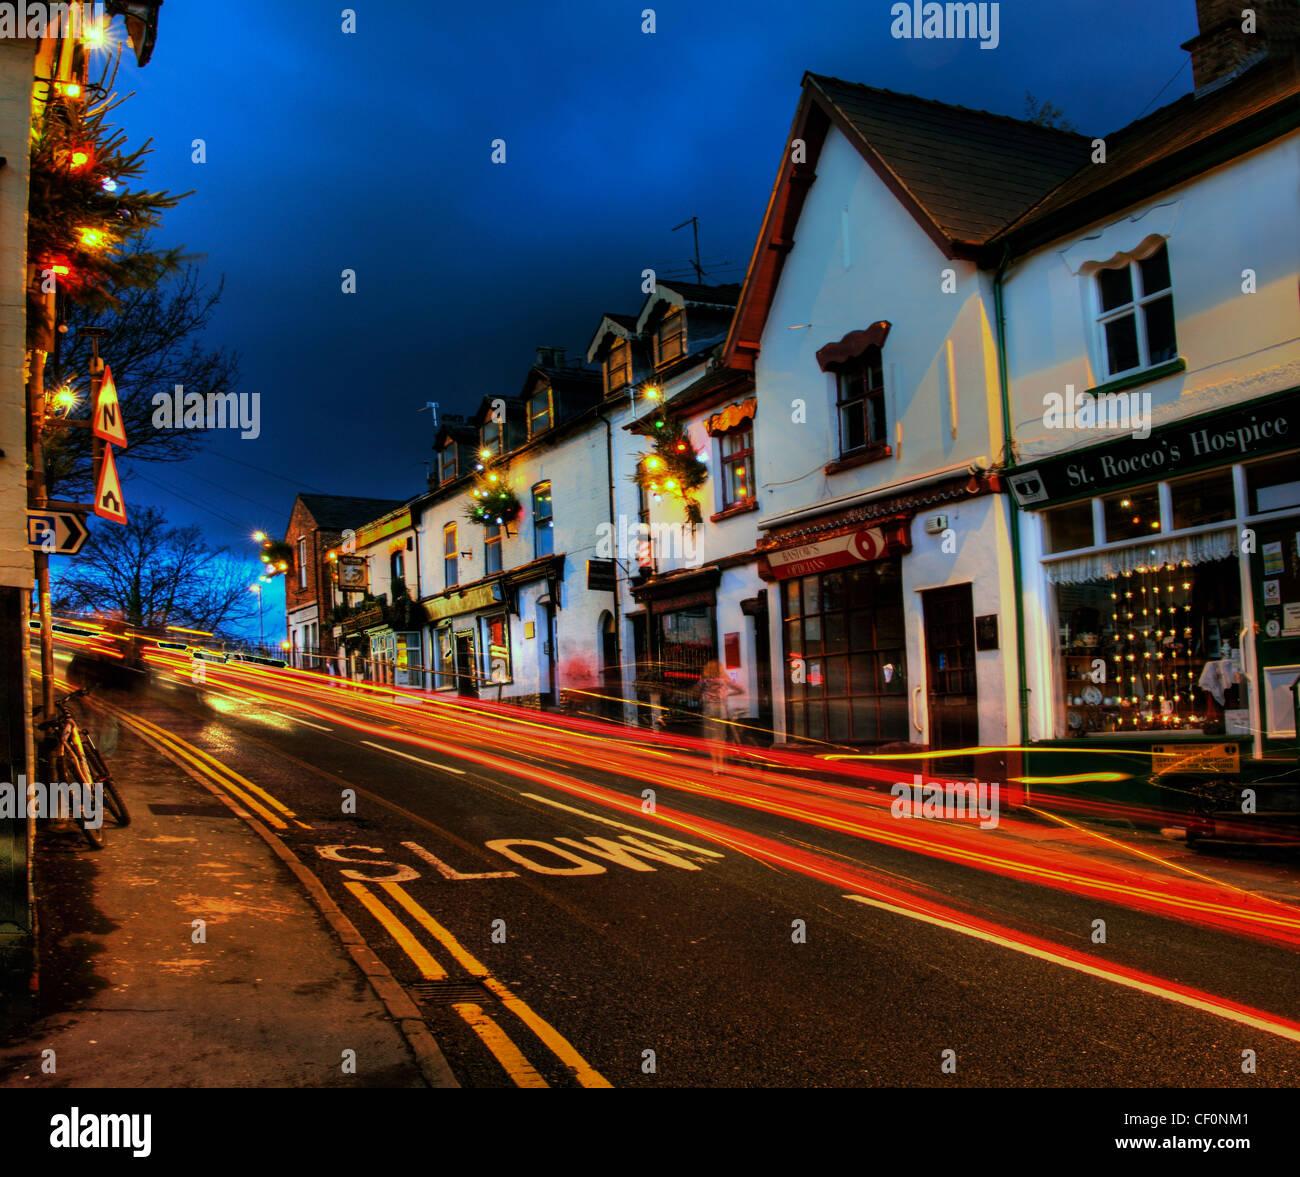 Laden Sie dieses Alamy Stockfoto Dämmerung im Kreuz A6144, Lymm, Warrington, Cheshire, England, Vereinigtes Königreich - CF0NM1